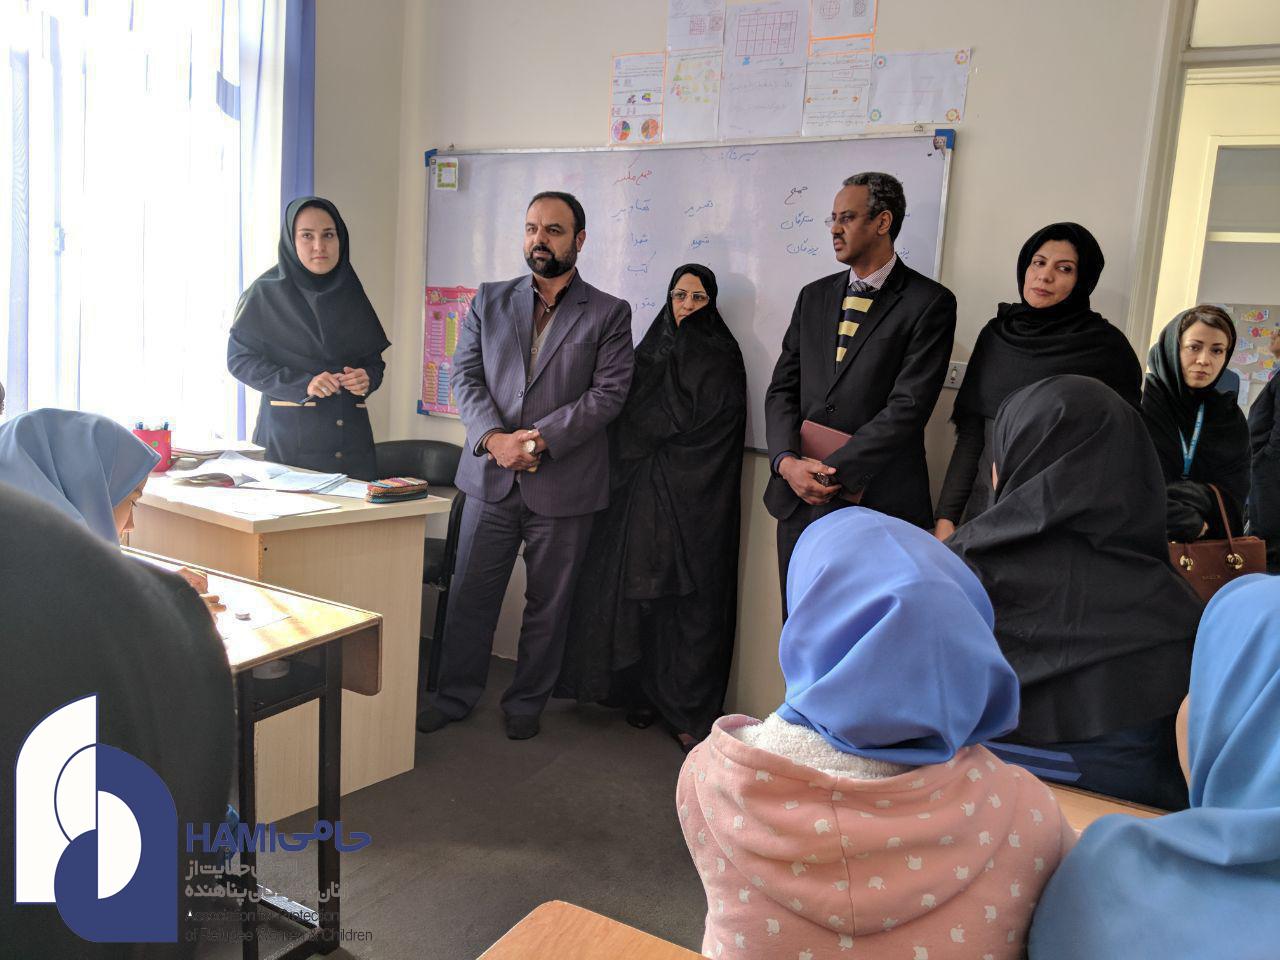 بازدید نمایندگان اداره اتباع خراسان رضوی و نمایندگان کمیساریای عالی سازمان ملل متحد در امور پناهندگان از مرکز حامی در مشهد